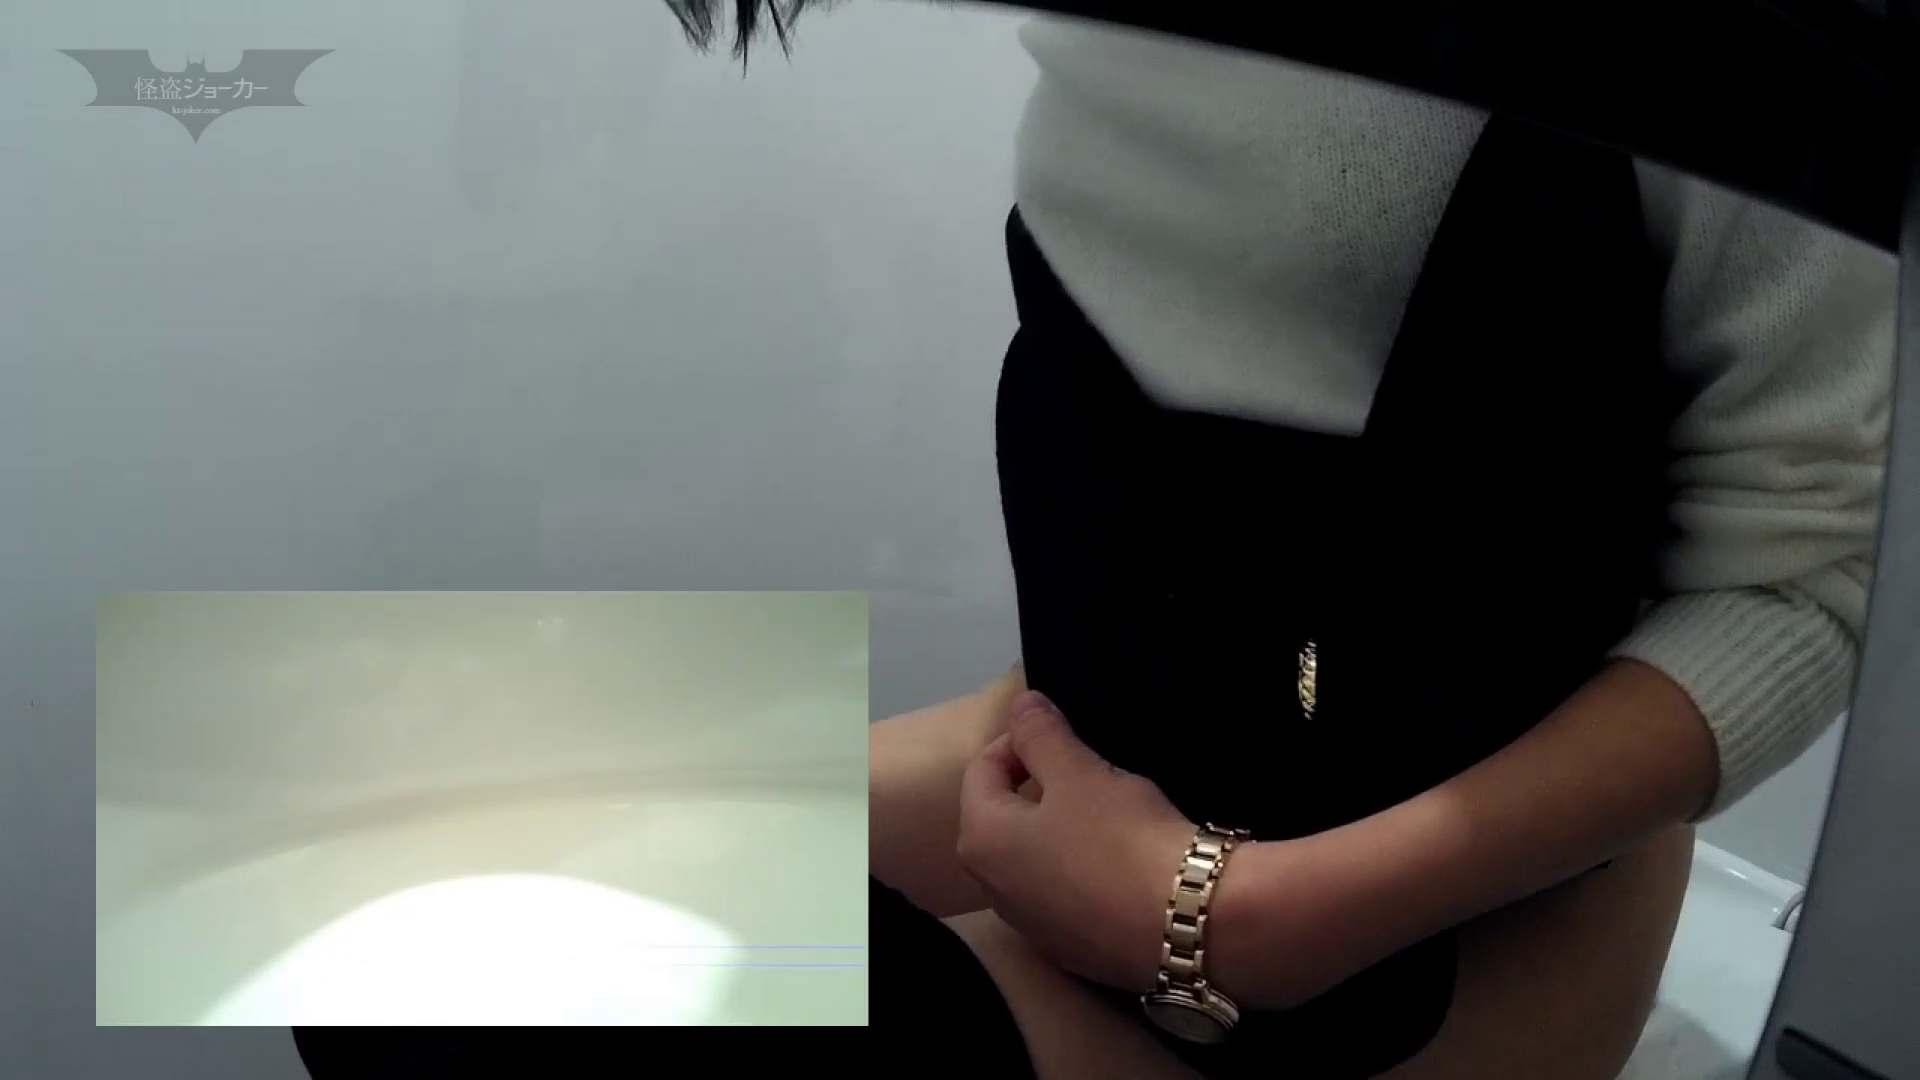 有名大学女性洗面所 vol.57 S級美女マルチアングル撮り!! OLの実態   マルチアングル  103pic 65